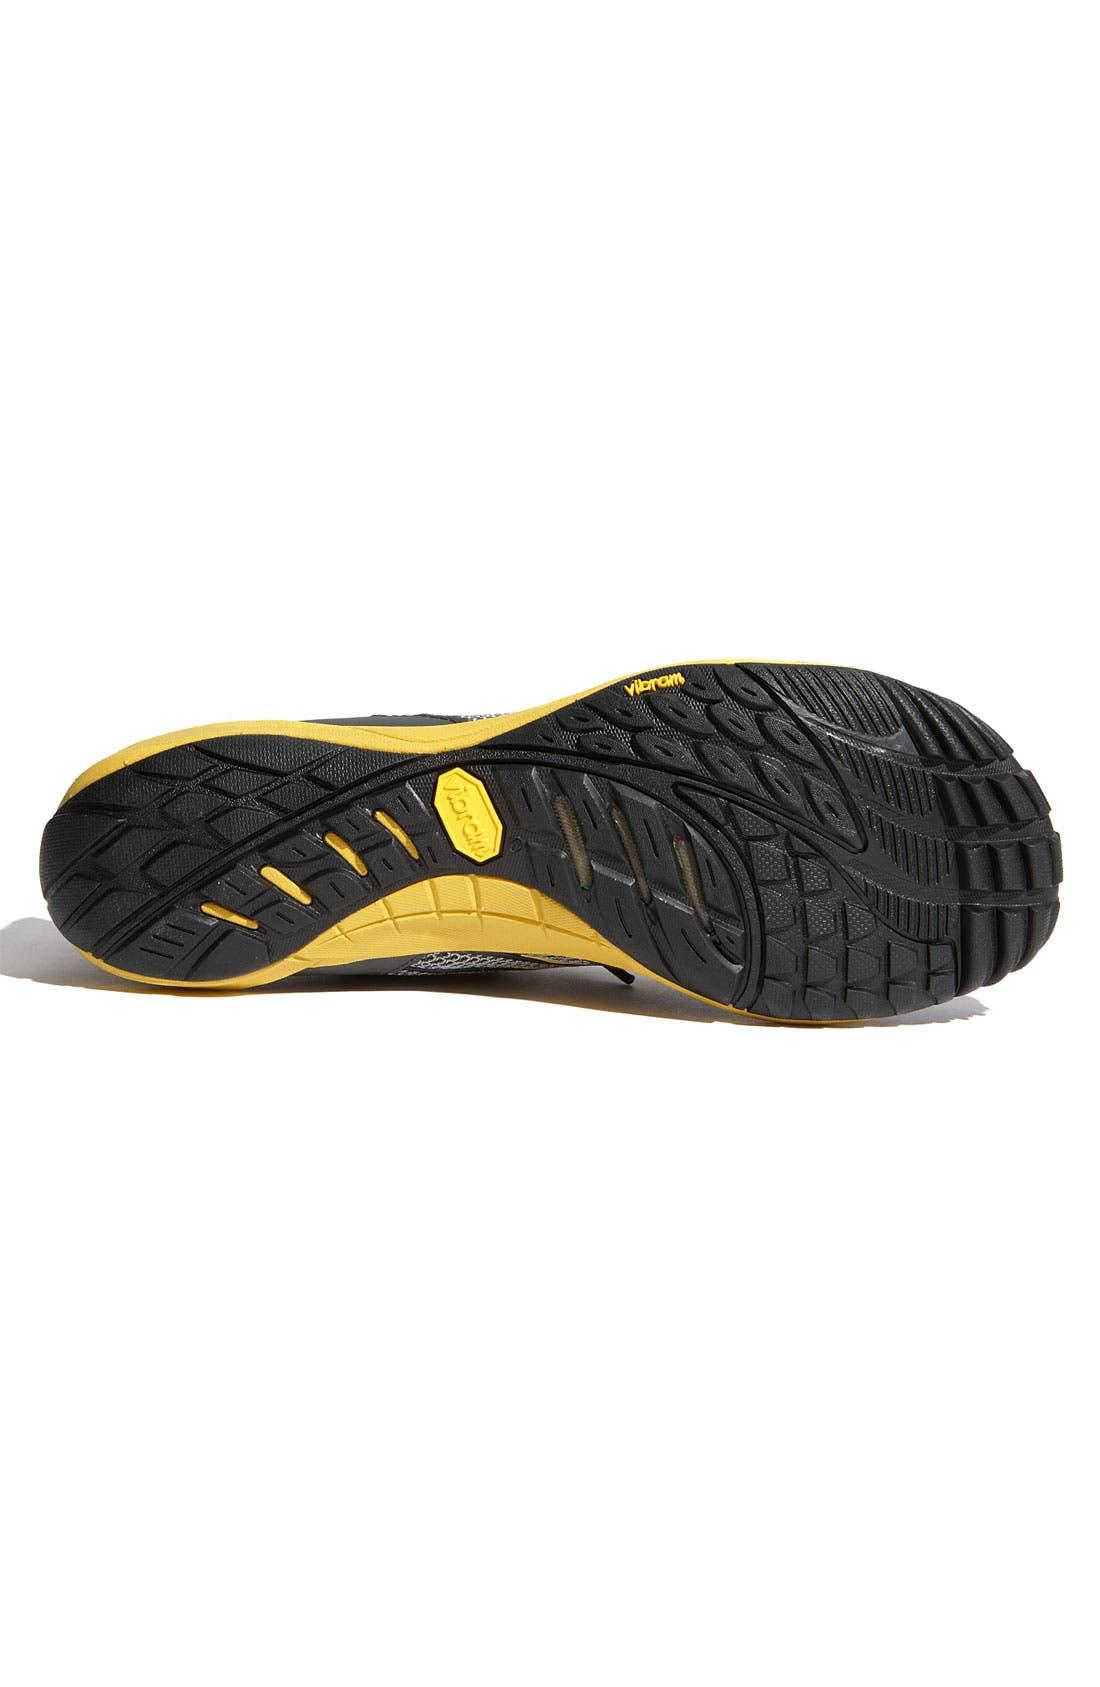 Alternate Image 2  - Merrell 'Trail Glove' Running Shoe (Men)